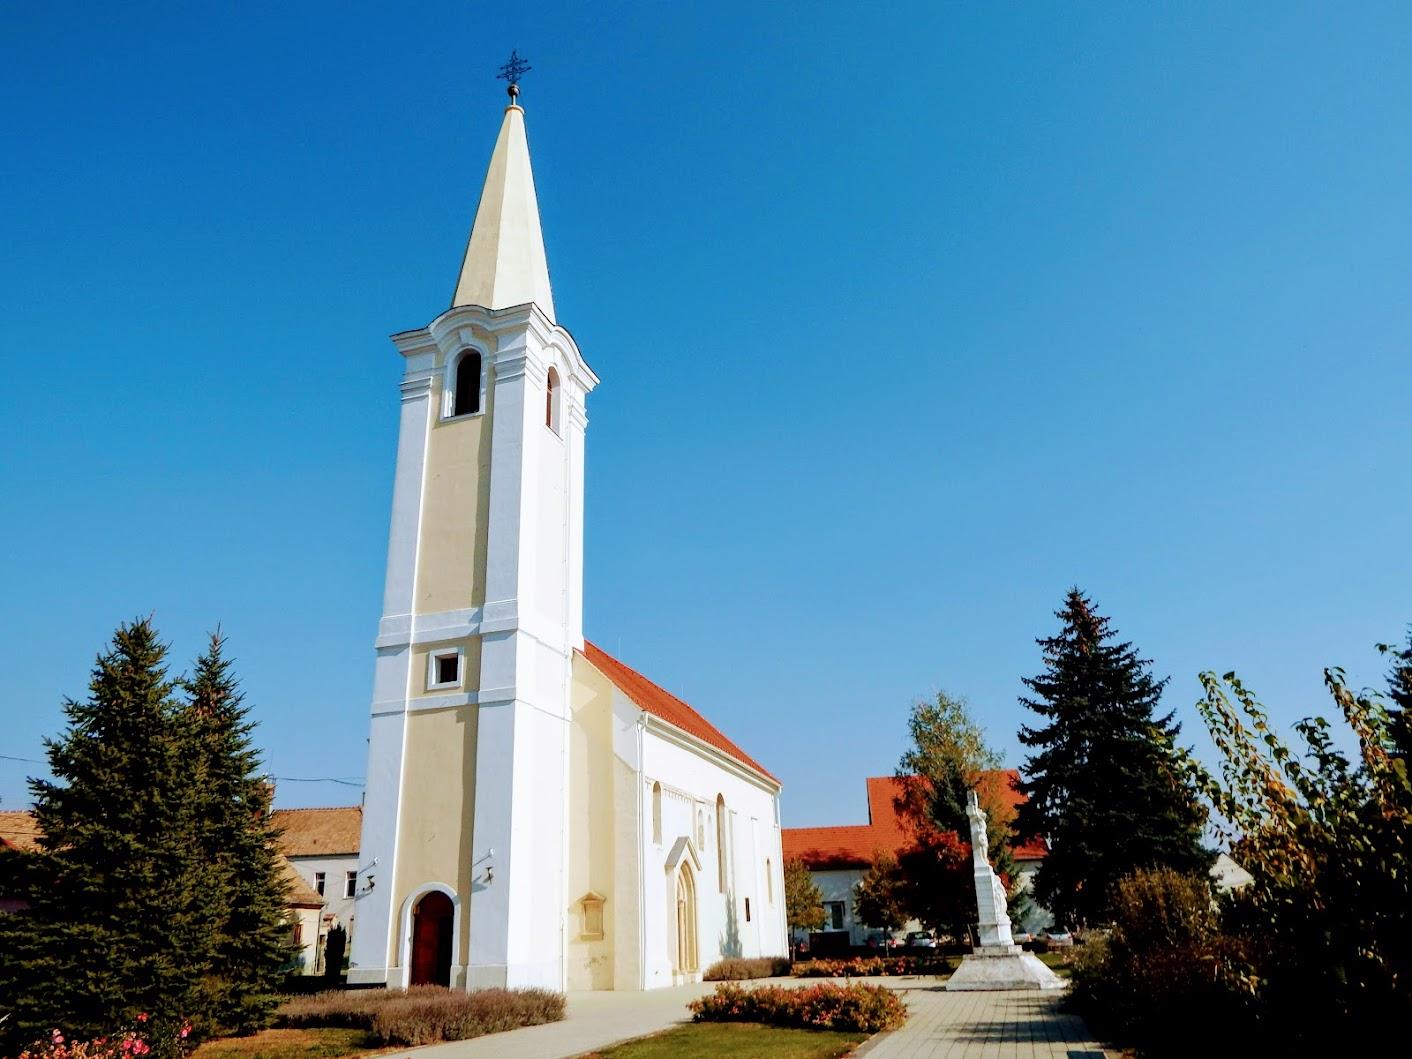 templom templom mellett)